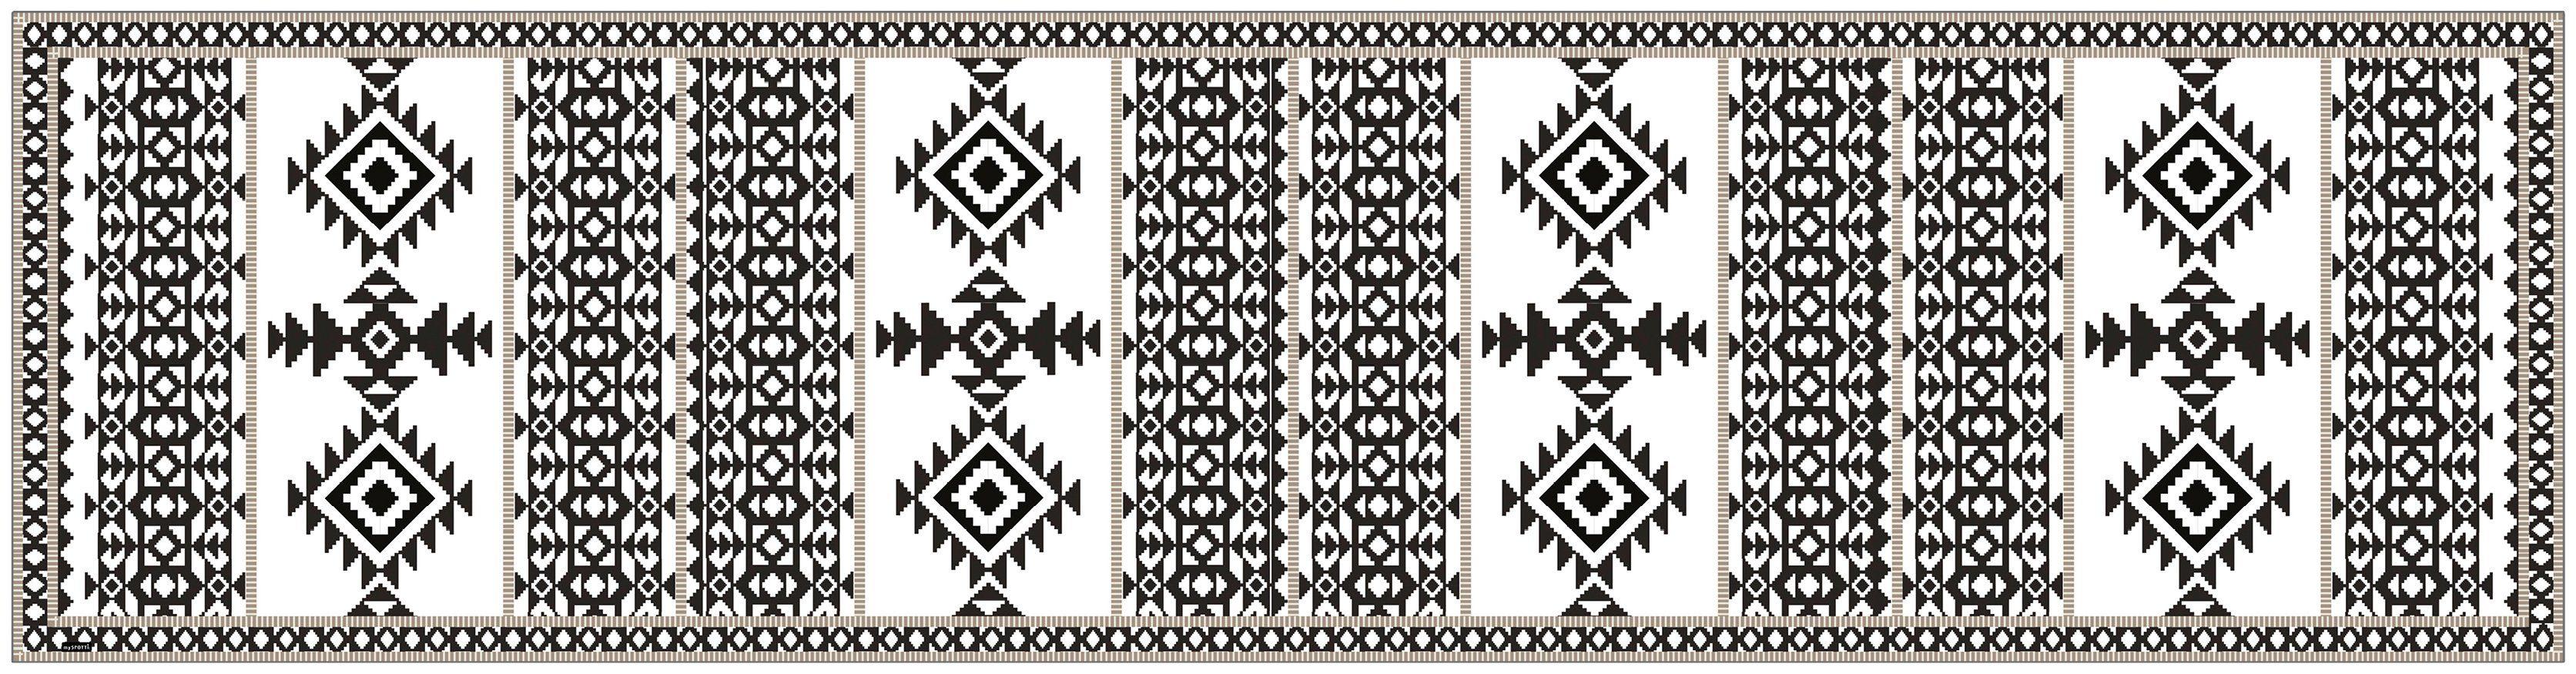 MYSPOTTI Vinylteppich »mySPOTTI buddy Django«, 155 x 65 cm, statisch haftend